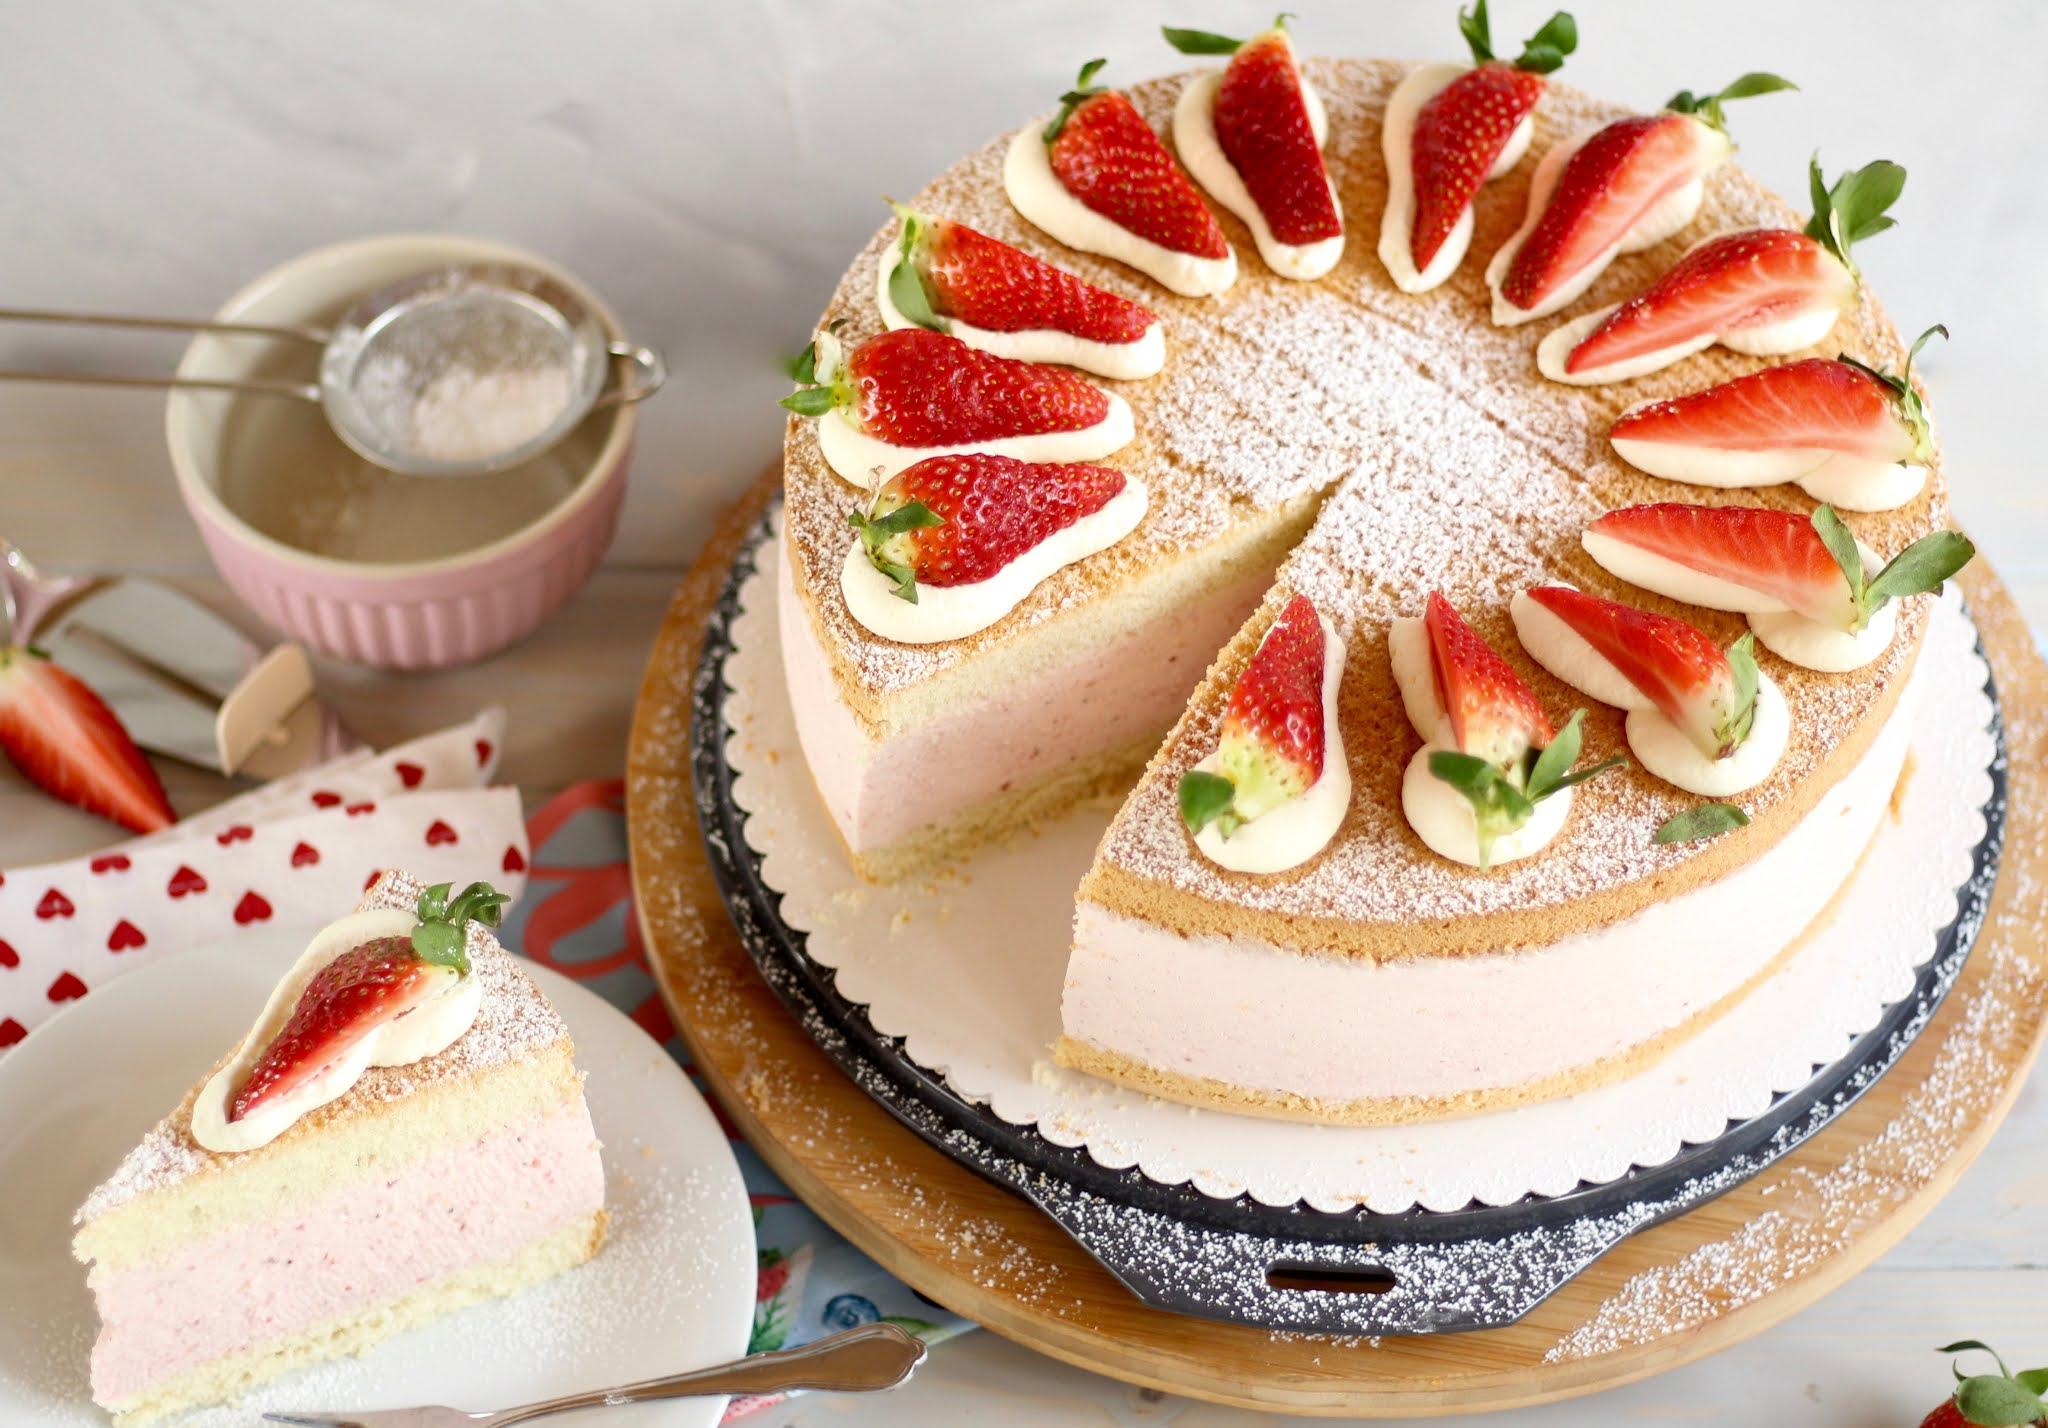 Traumhafte Erdbeer-Käse-Sahnetorte backen! Geburtstagstorte | Rezept und Video von Sugarprincess